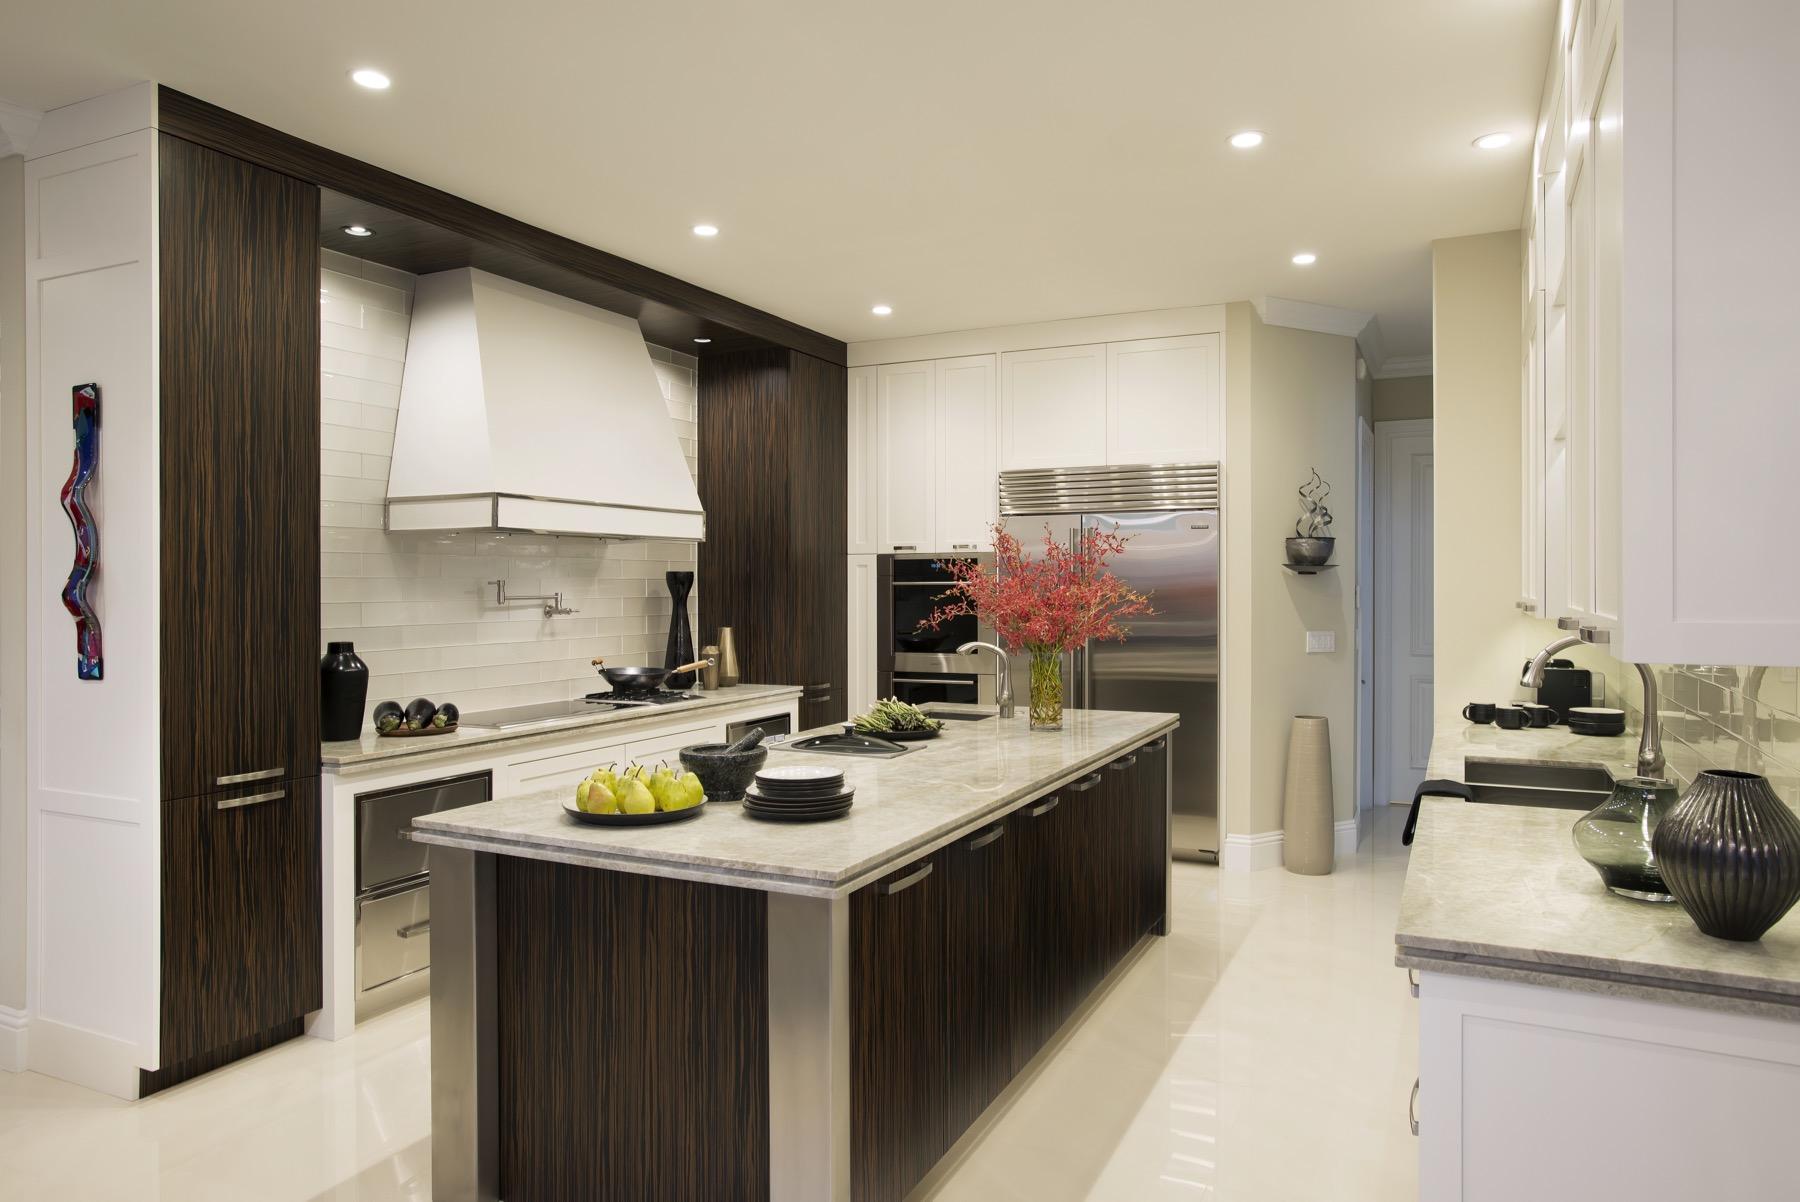 The Kitchenworks